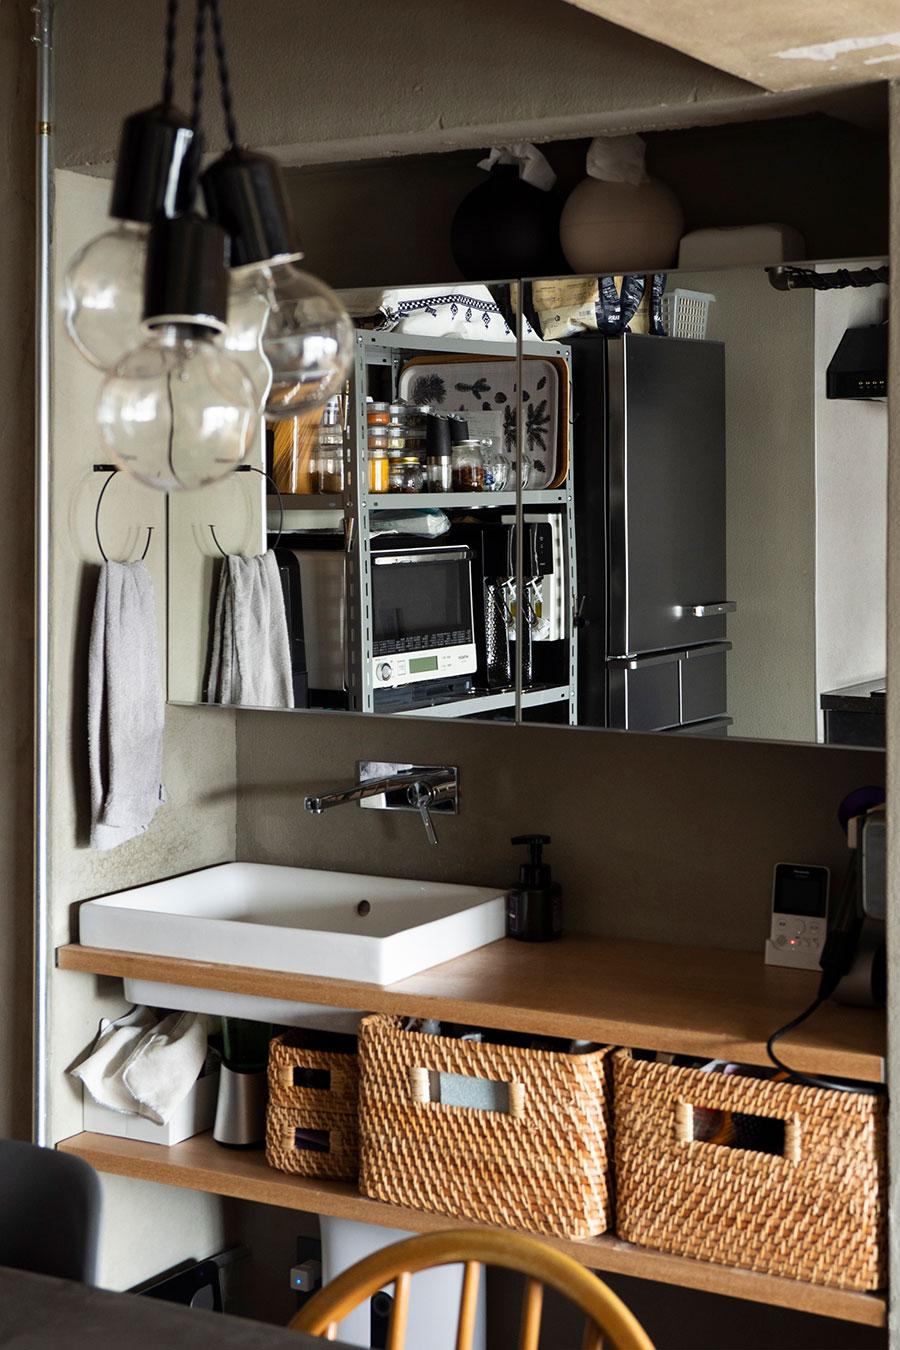 ダイニングに設けた洗面台は、インテリアの一部のように収まっている。